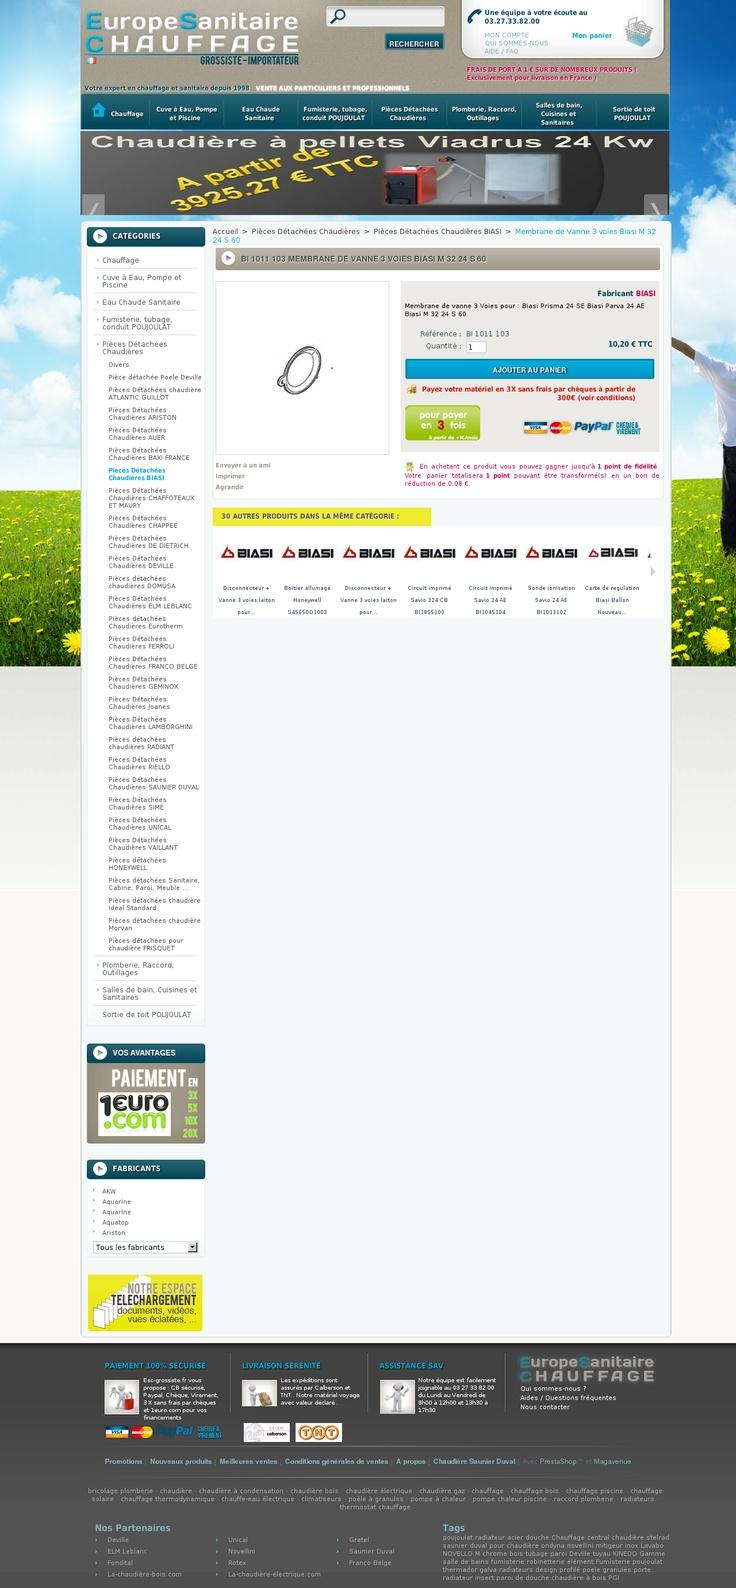 www.esc-grossiste.fr  Vente à prix remisé de chaudières Saunier Duval, Elm leblanc, De Dietrich ainsi que la fumisterie Poujoulat des produits de salle de bain Novellini, Kinedo et chauffe eau électrique Fagor